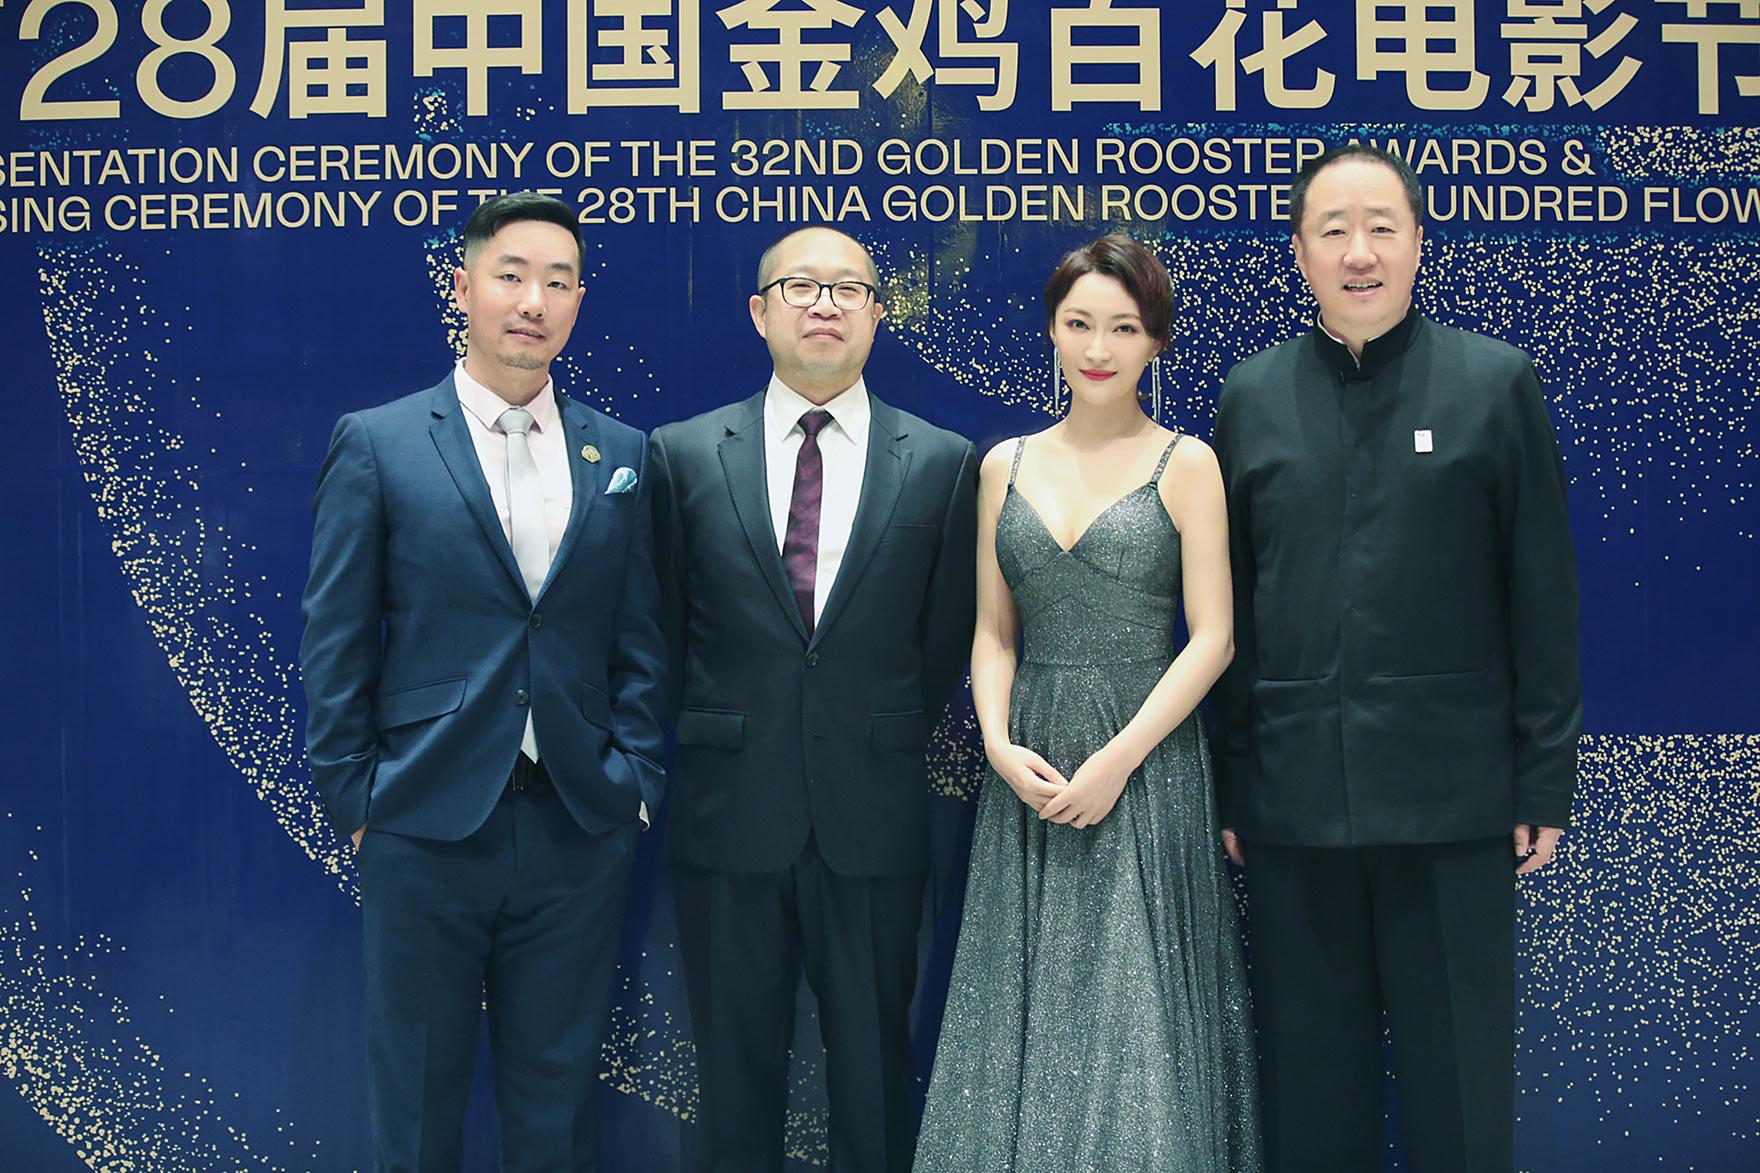 电影《妈祖回家》即将上映 妈祖文化引华人共鸣